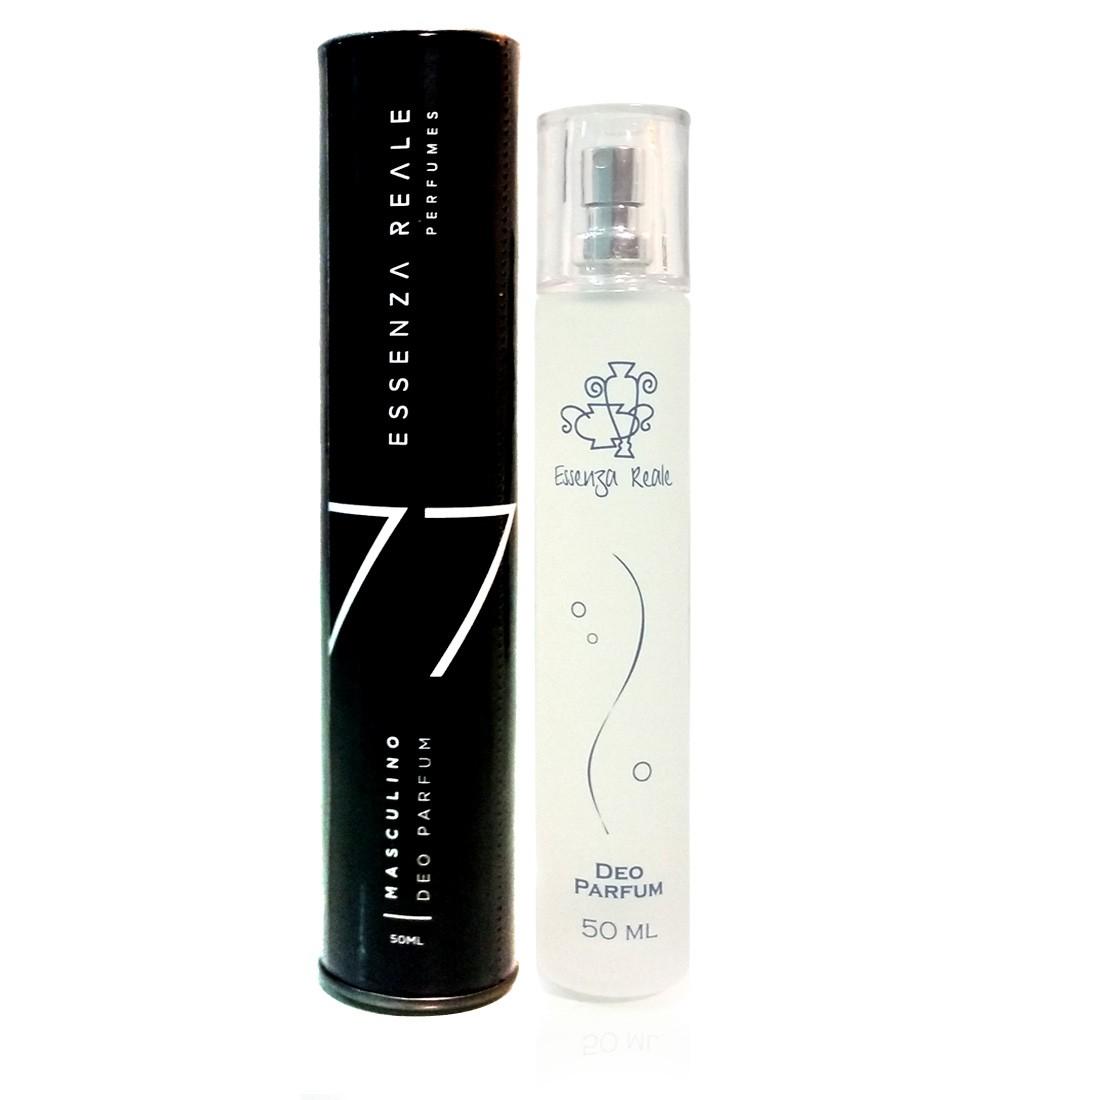 afdc91e0b2176 Contratipo Eternity Calvin Klein Perfume Masculino